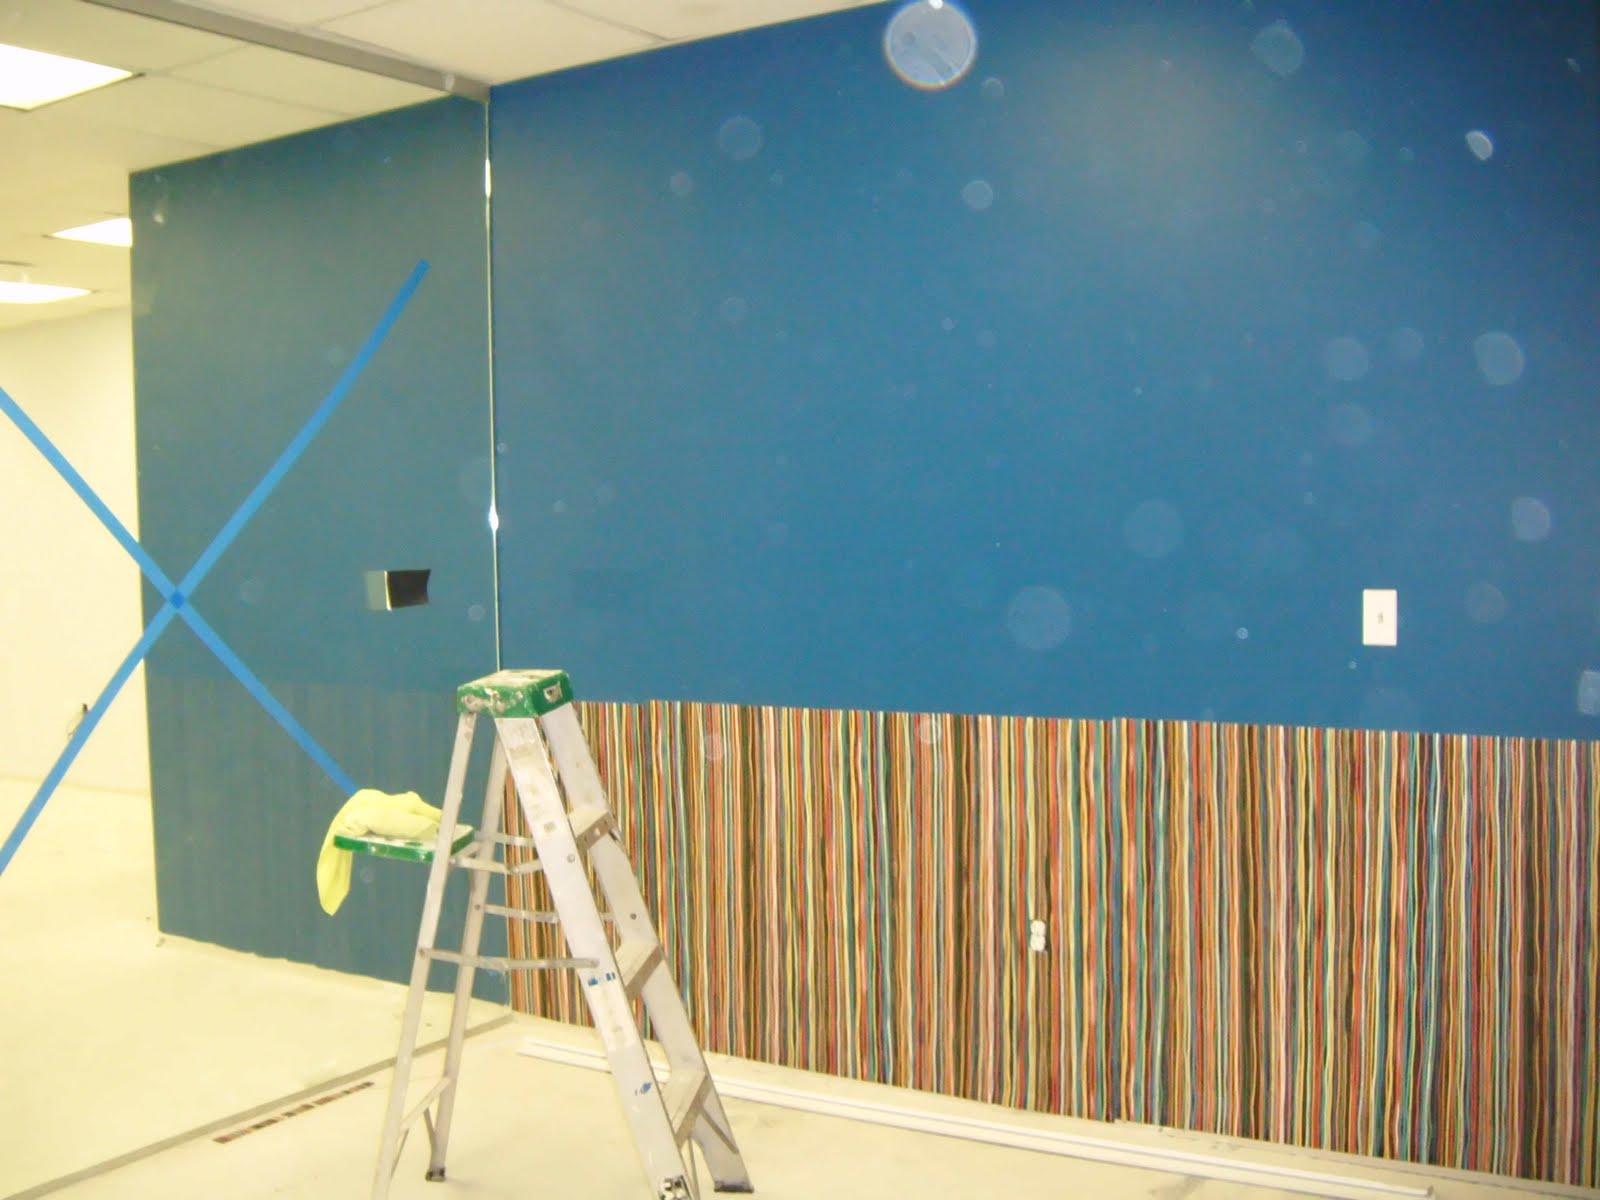 Solid Blue Border Wallpaper PicsWallpapercom 1600x1200